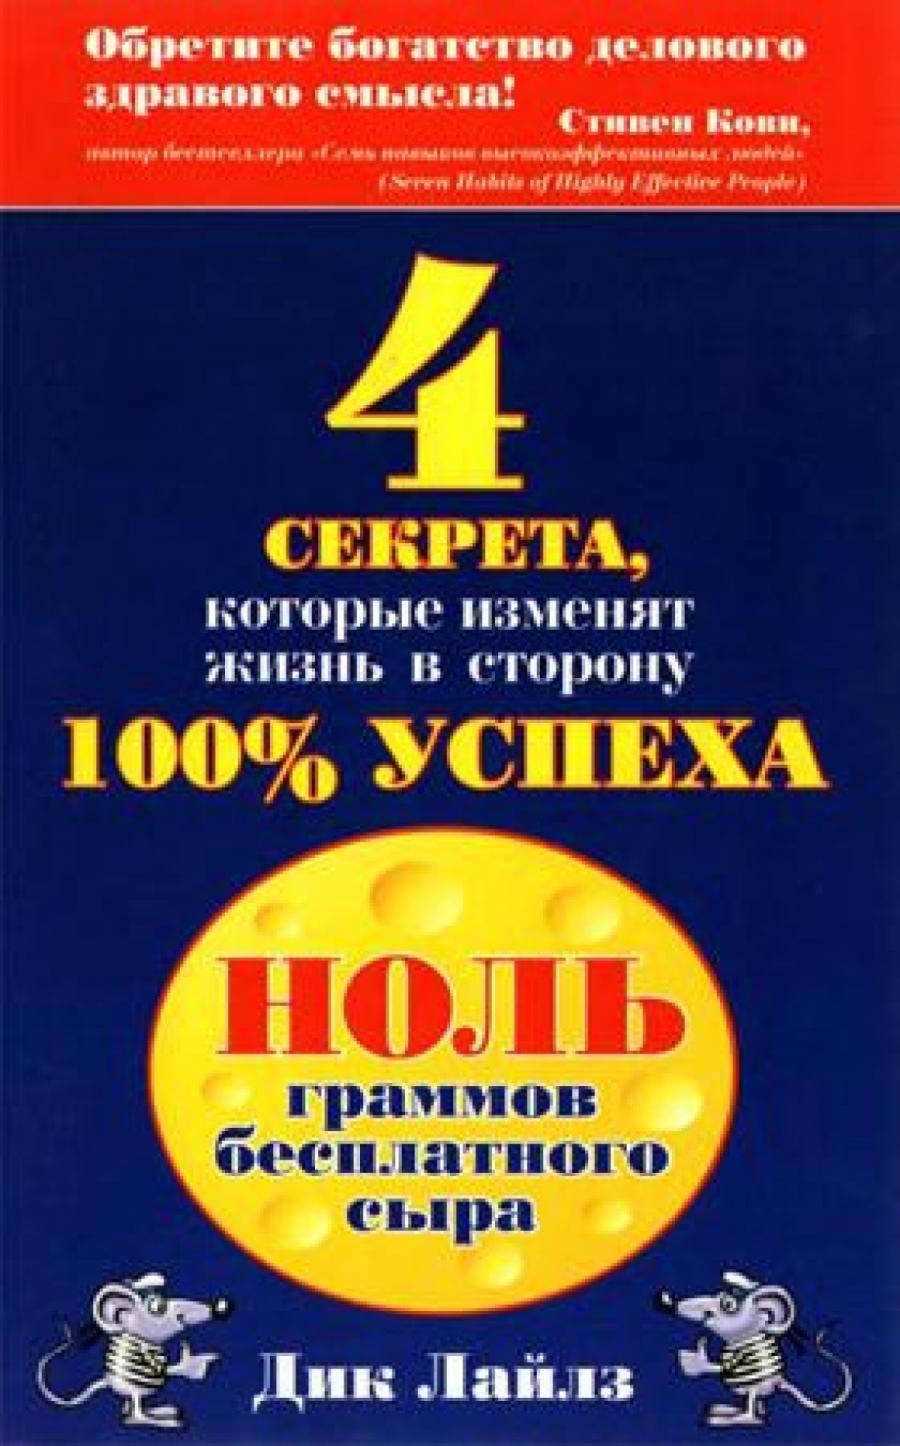 Обложка книги:  дик лайлз - ноль граммов бесплатного сыра. 4 секрета, которые изменят вашу жизнь в сторону 100% успеха